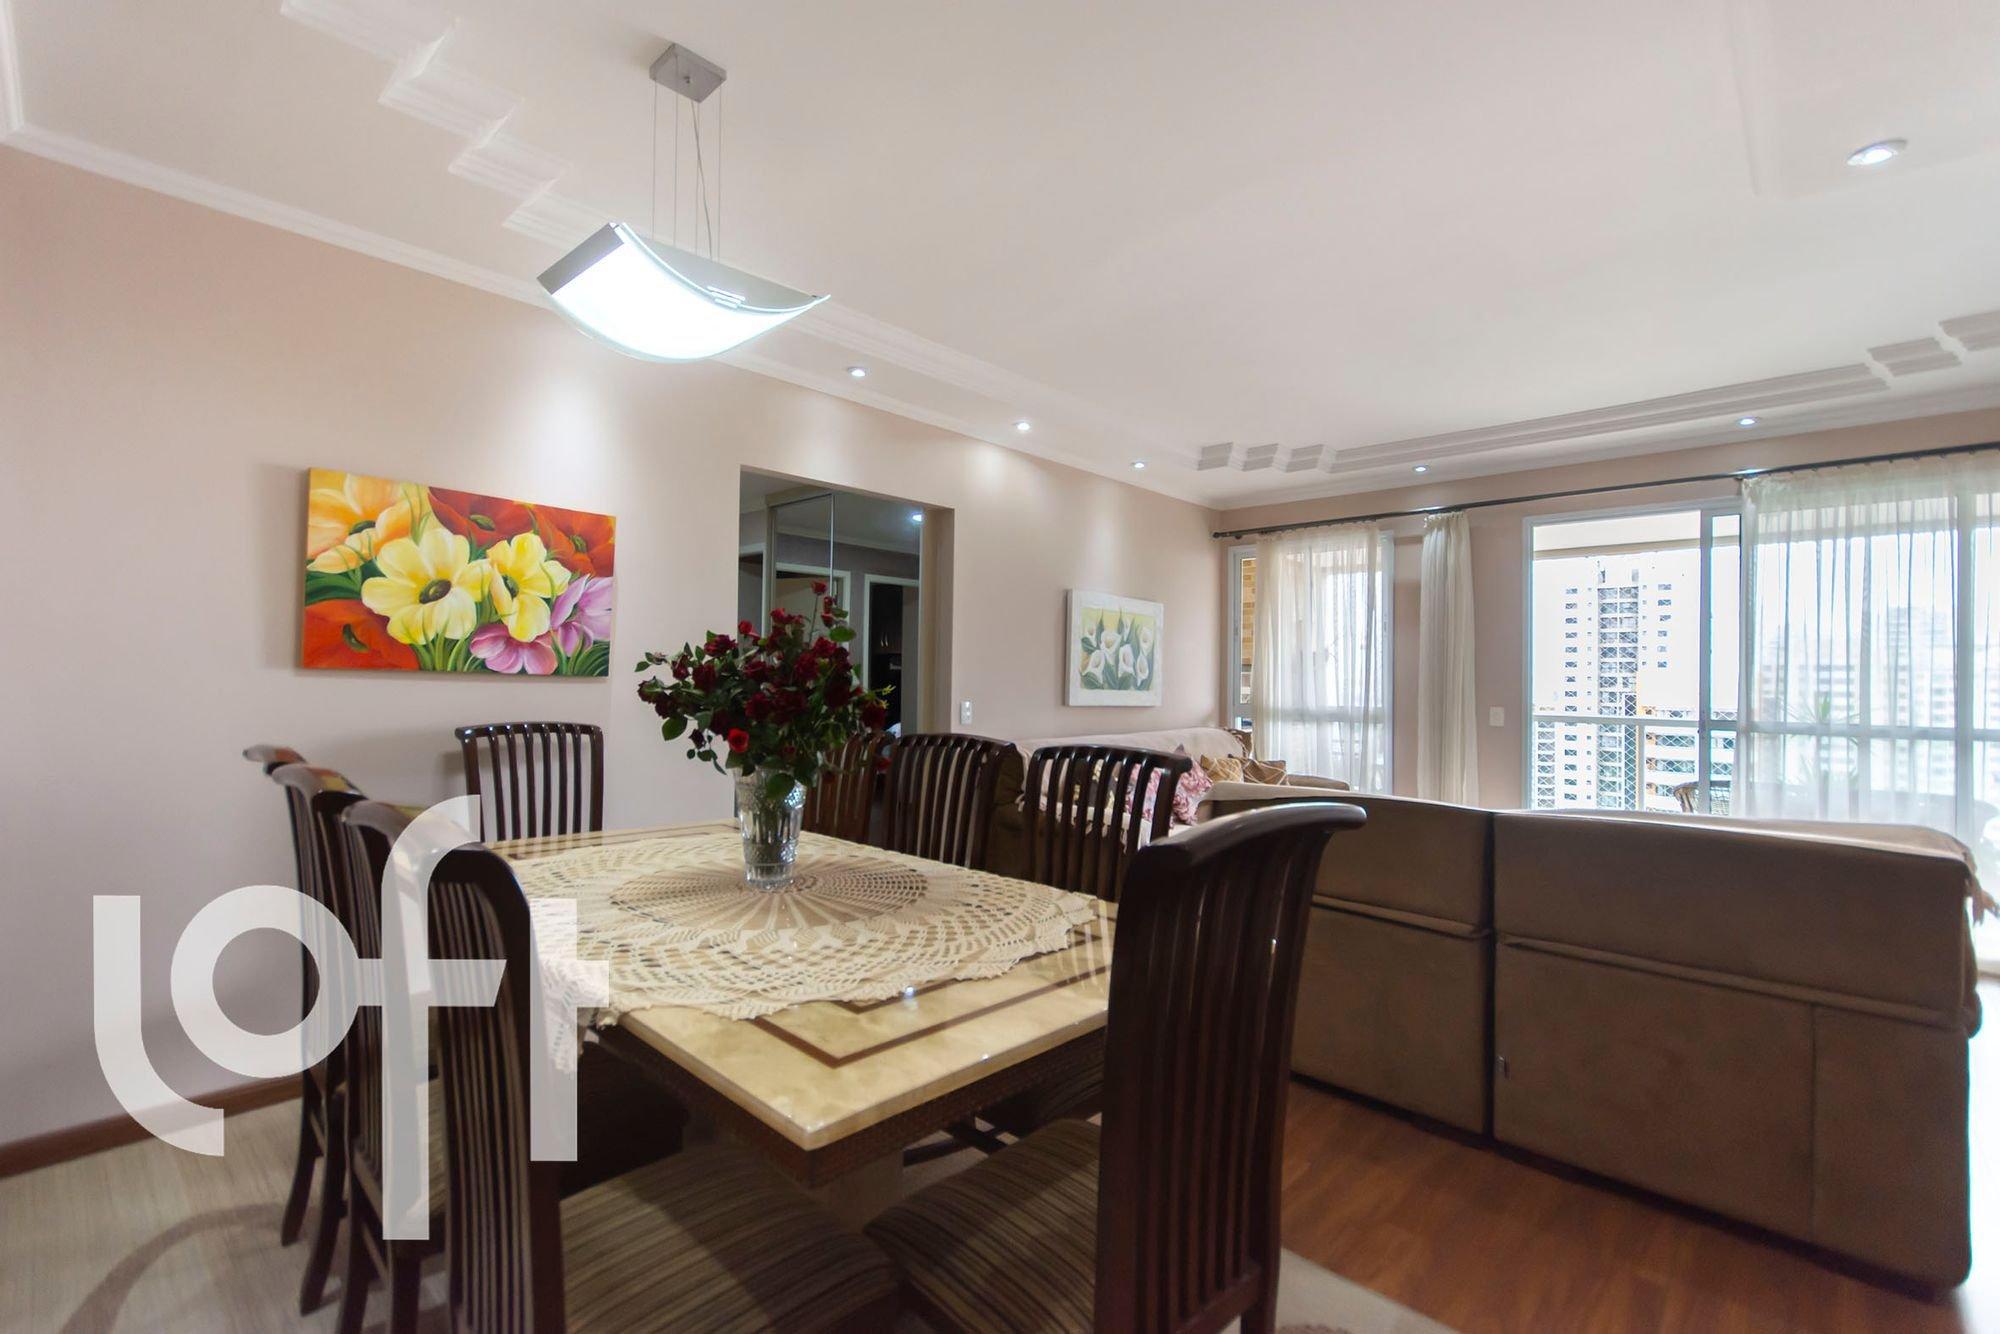 Foto de Varanda com vaso de planta, vaso, cadeira, mesa de jantar